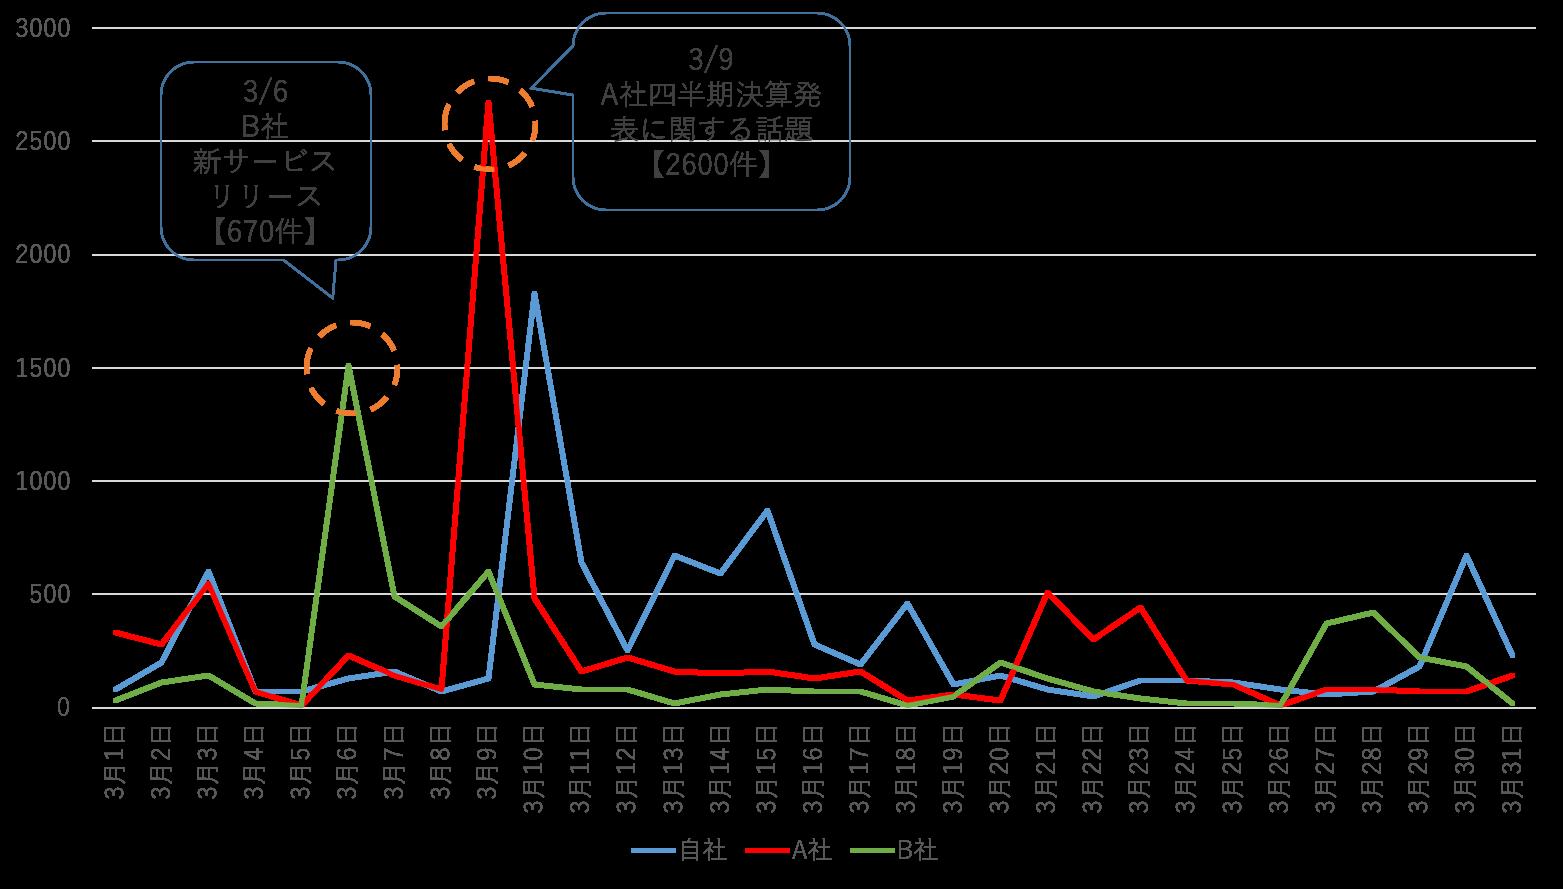 時系列グラフ_2.png